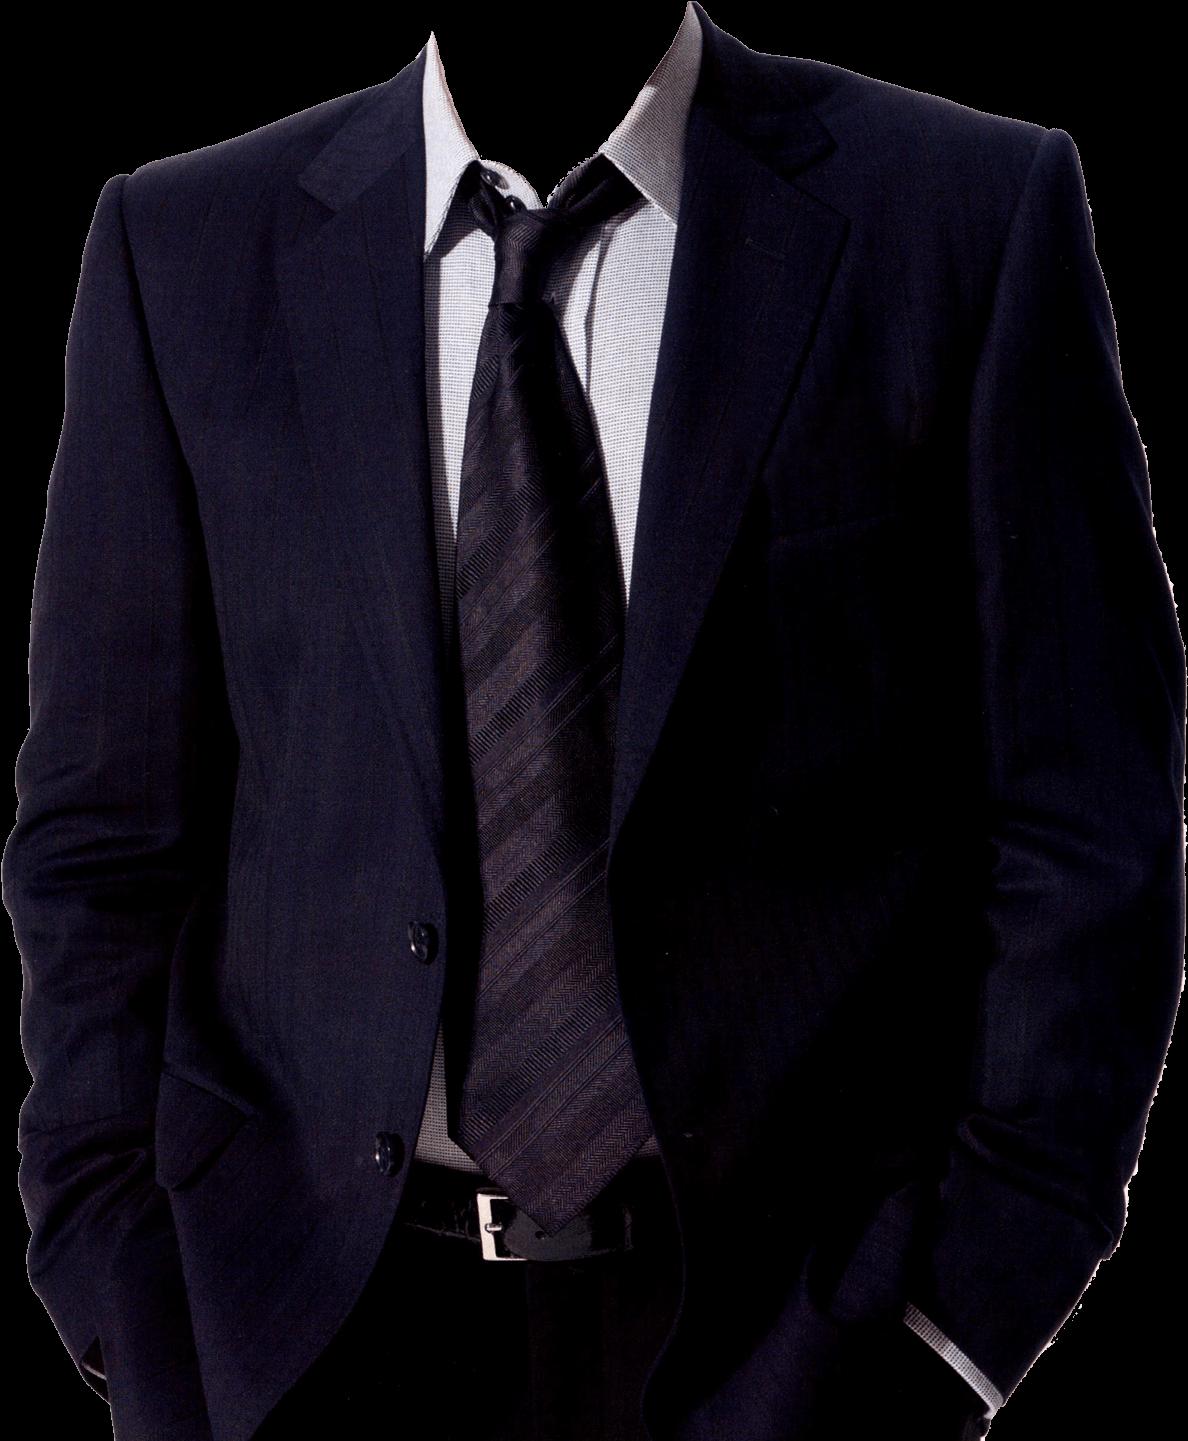 Suit Clipart Transparent.